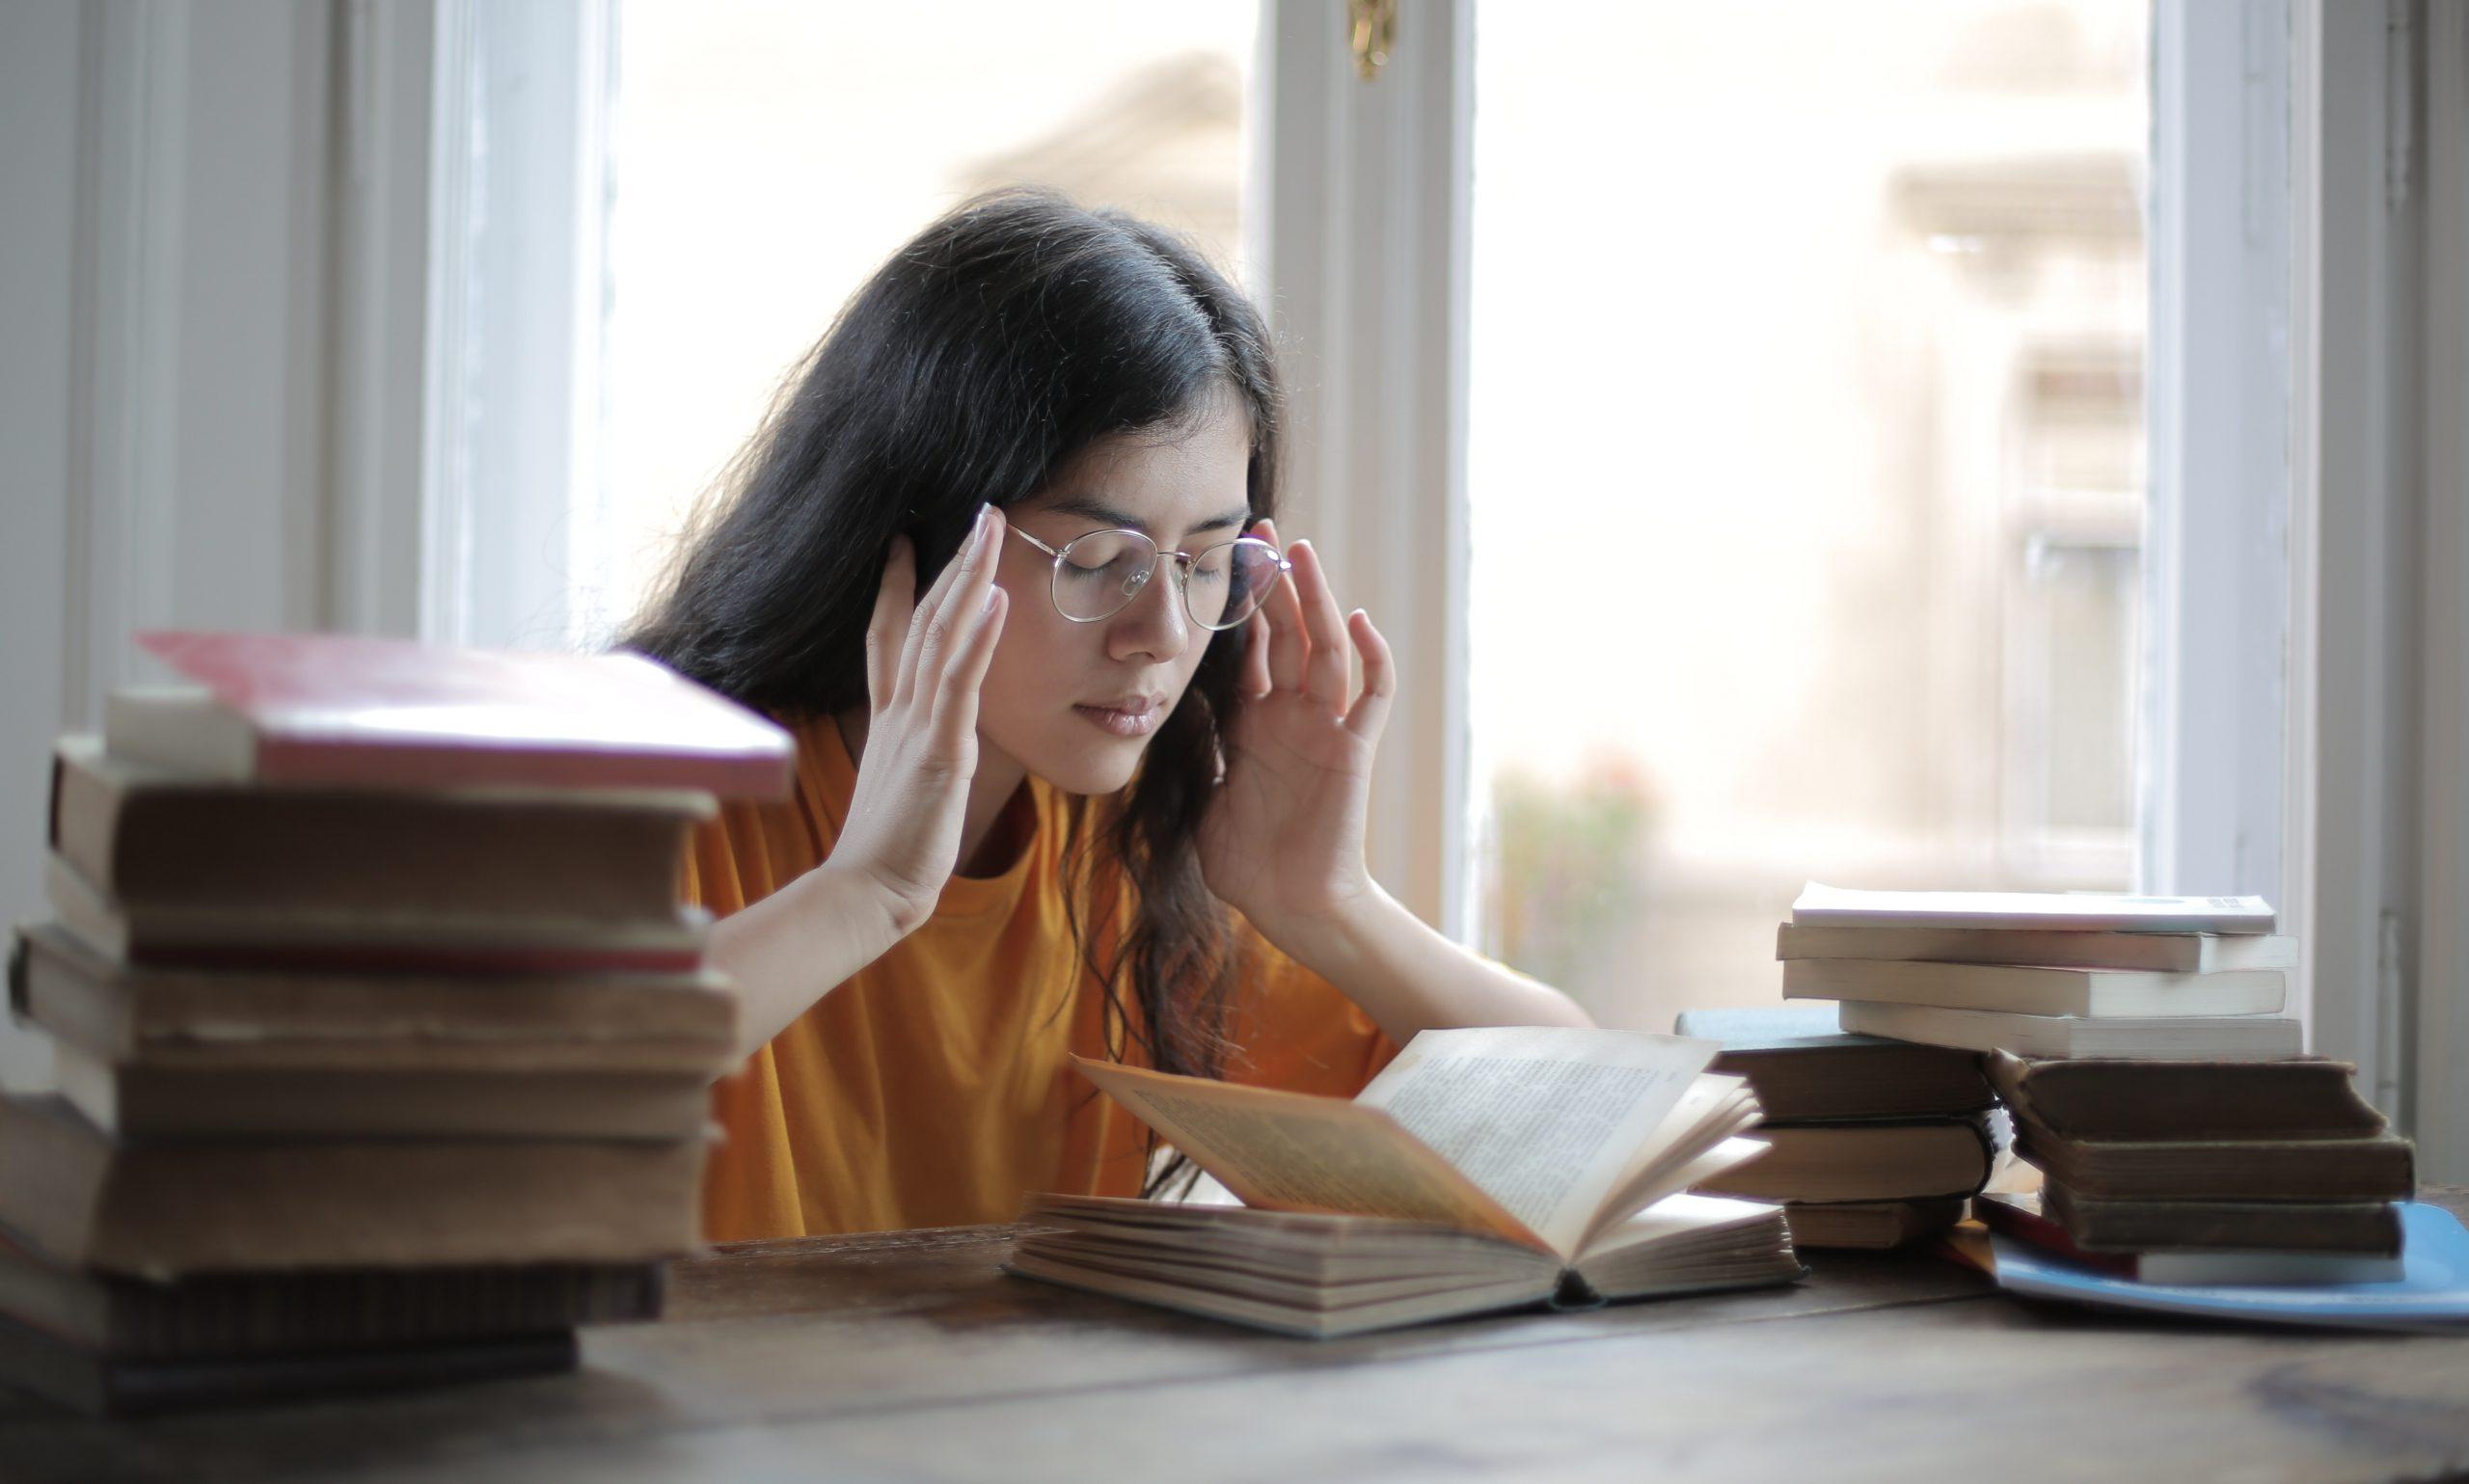 Mujer concentrada estudiando